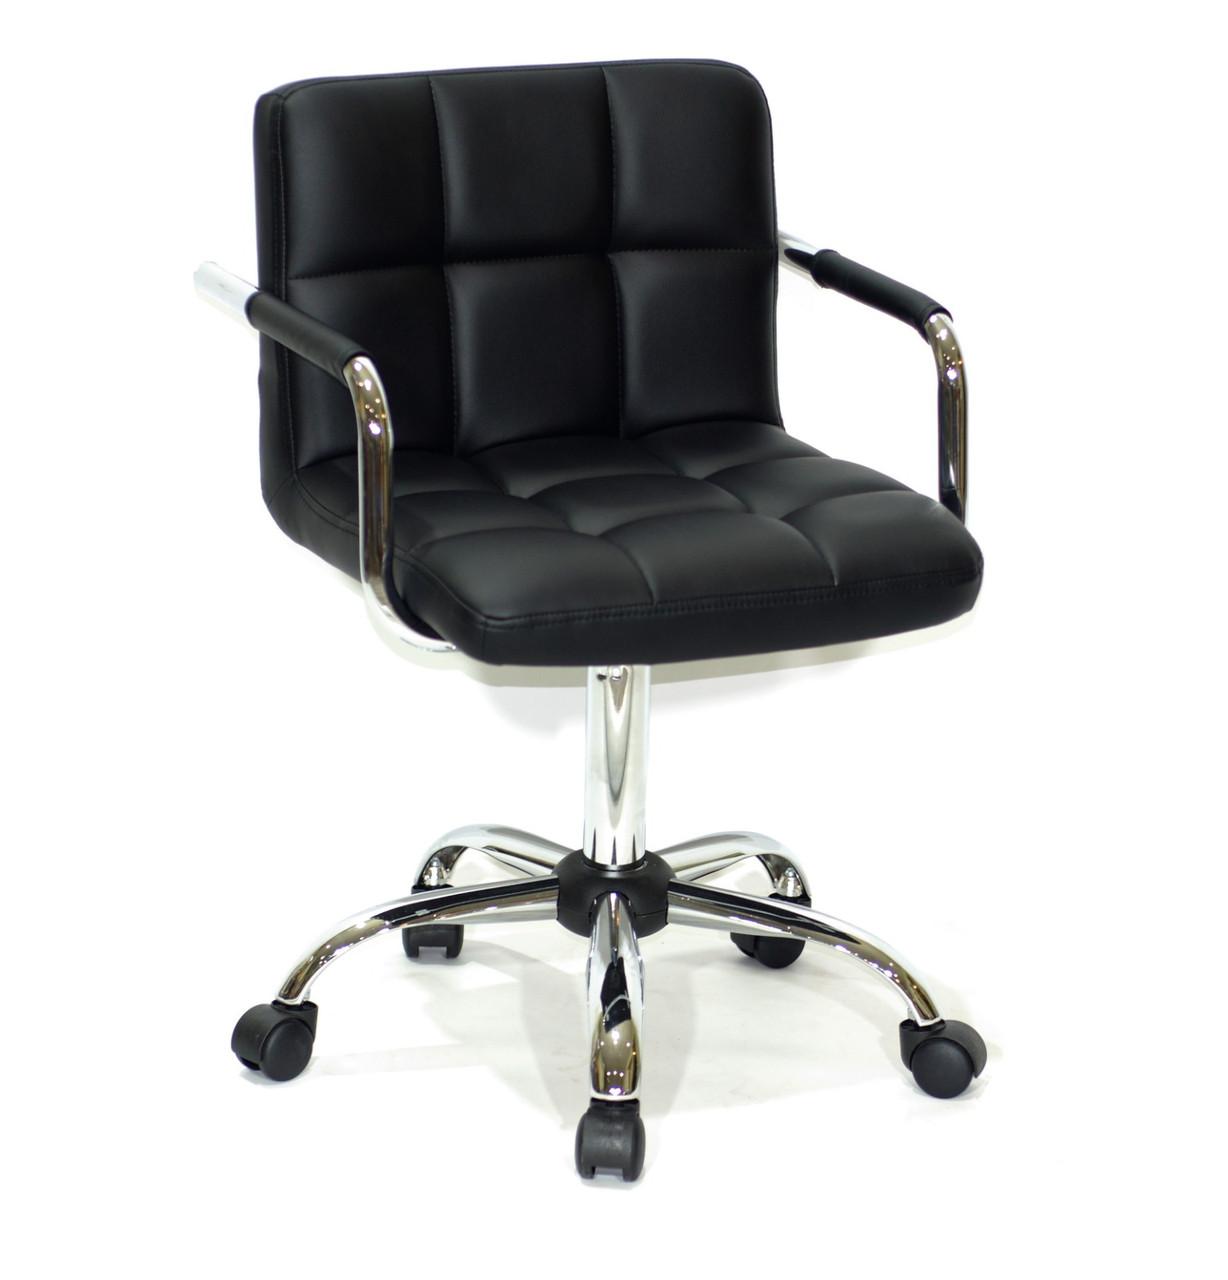 Крісло майстра Арно хром, чорна екокожа з підлокітниками на колесах